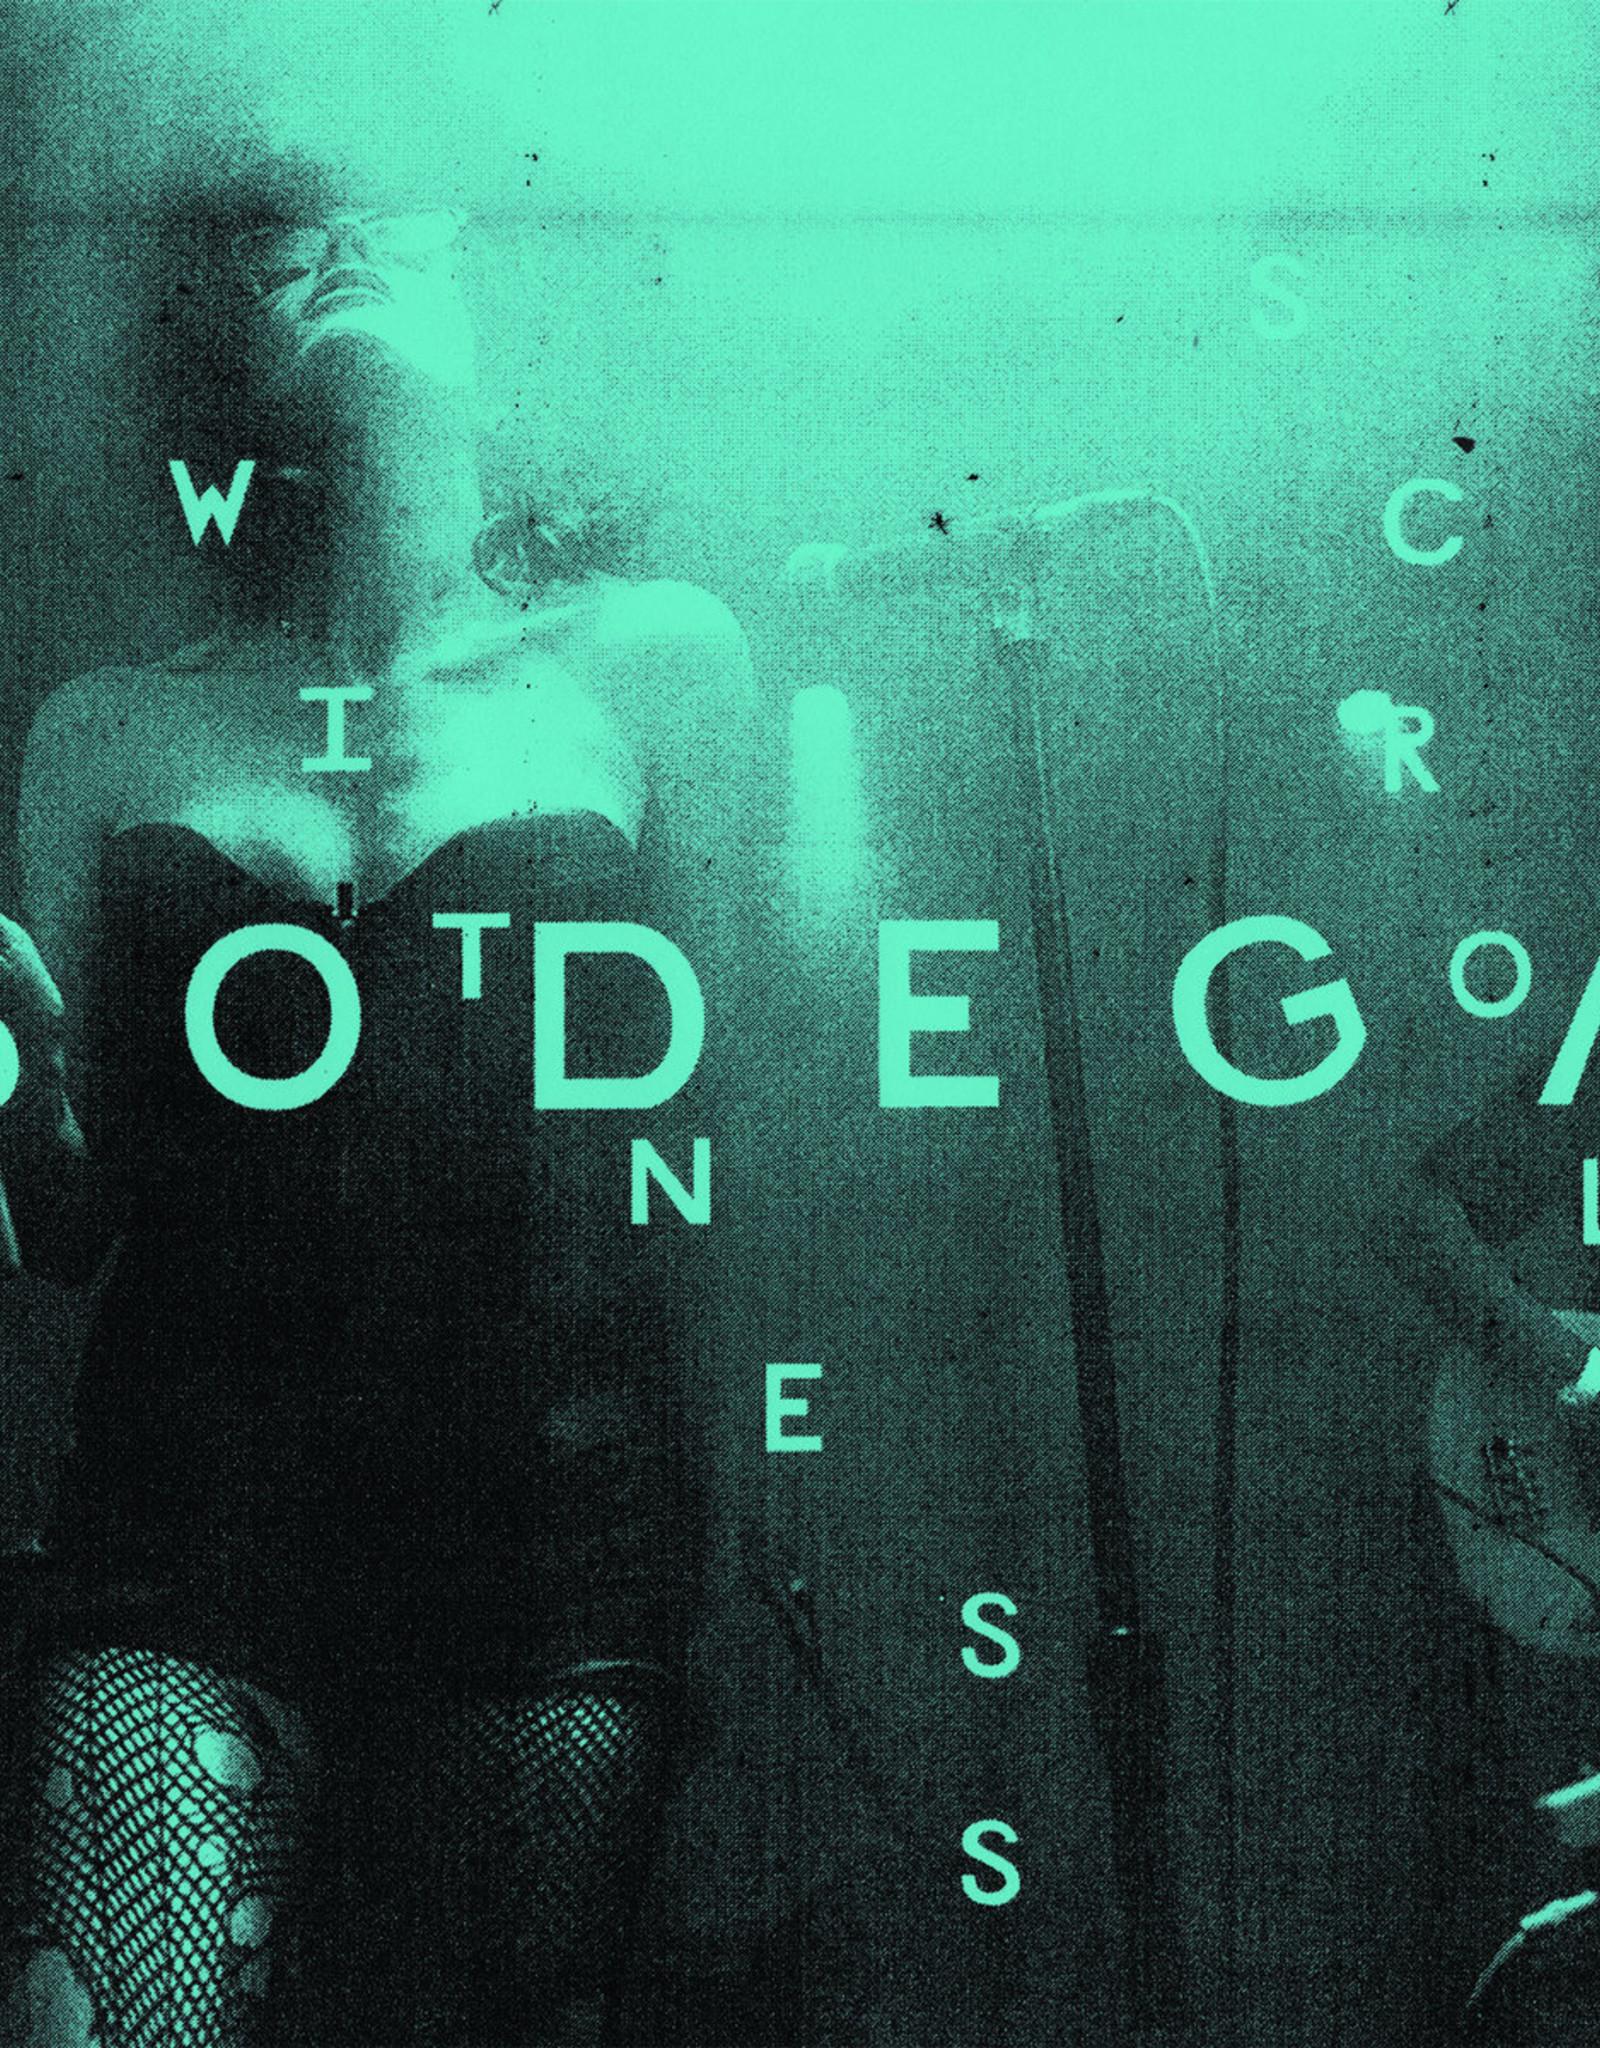 Bodega - Witness Scroll